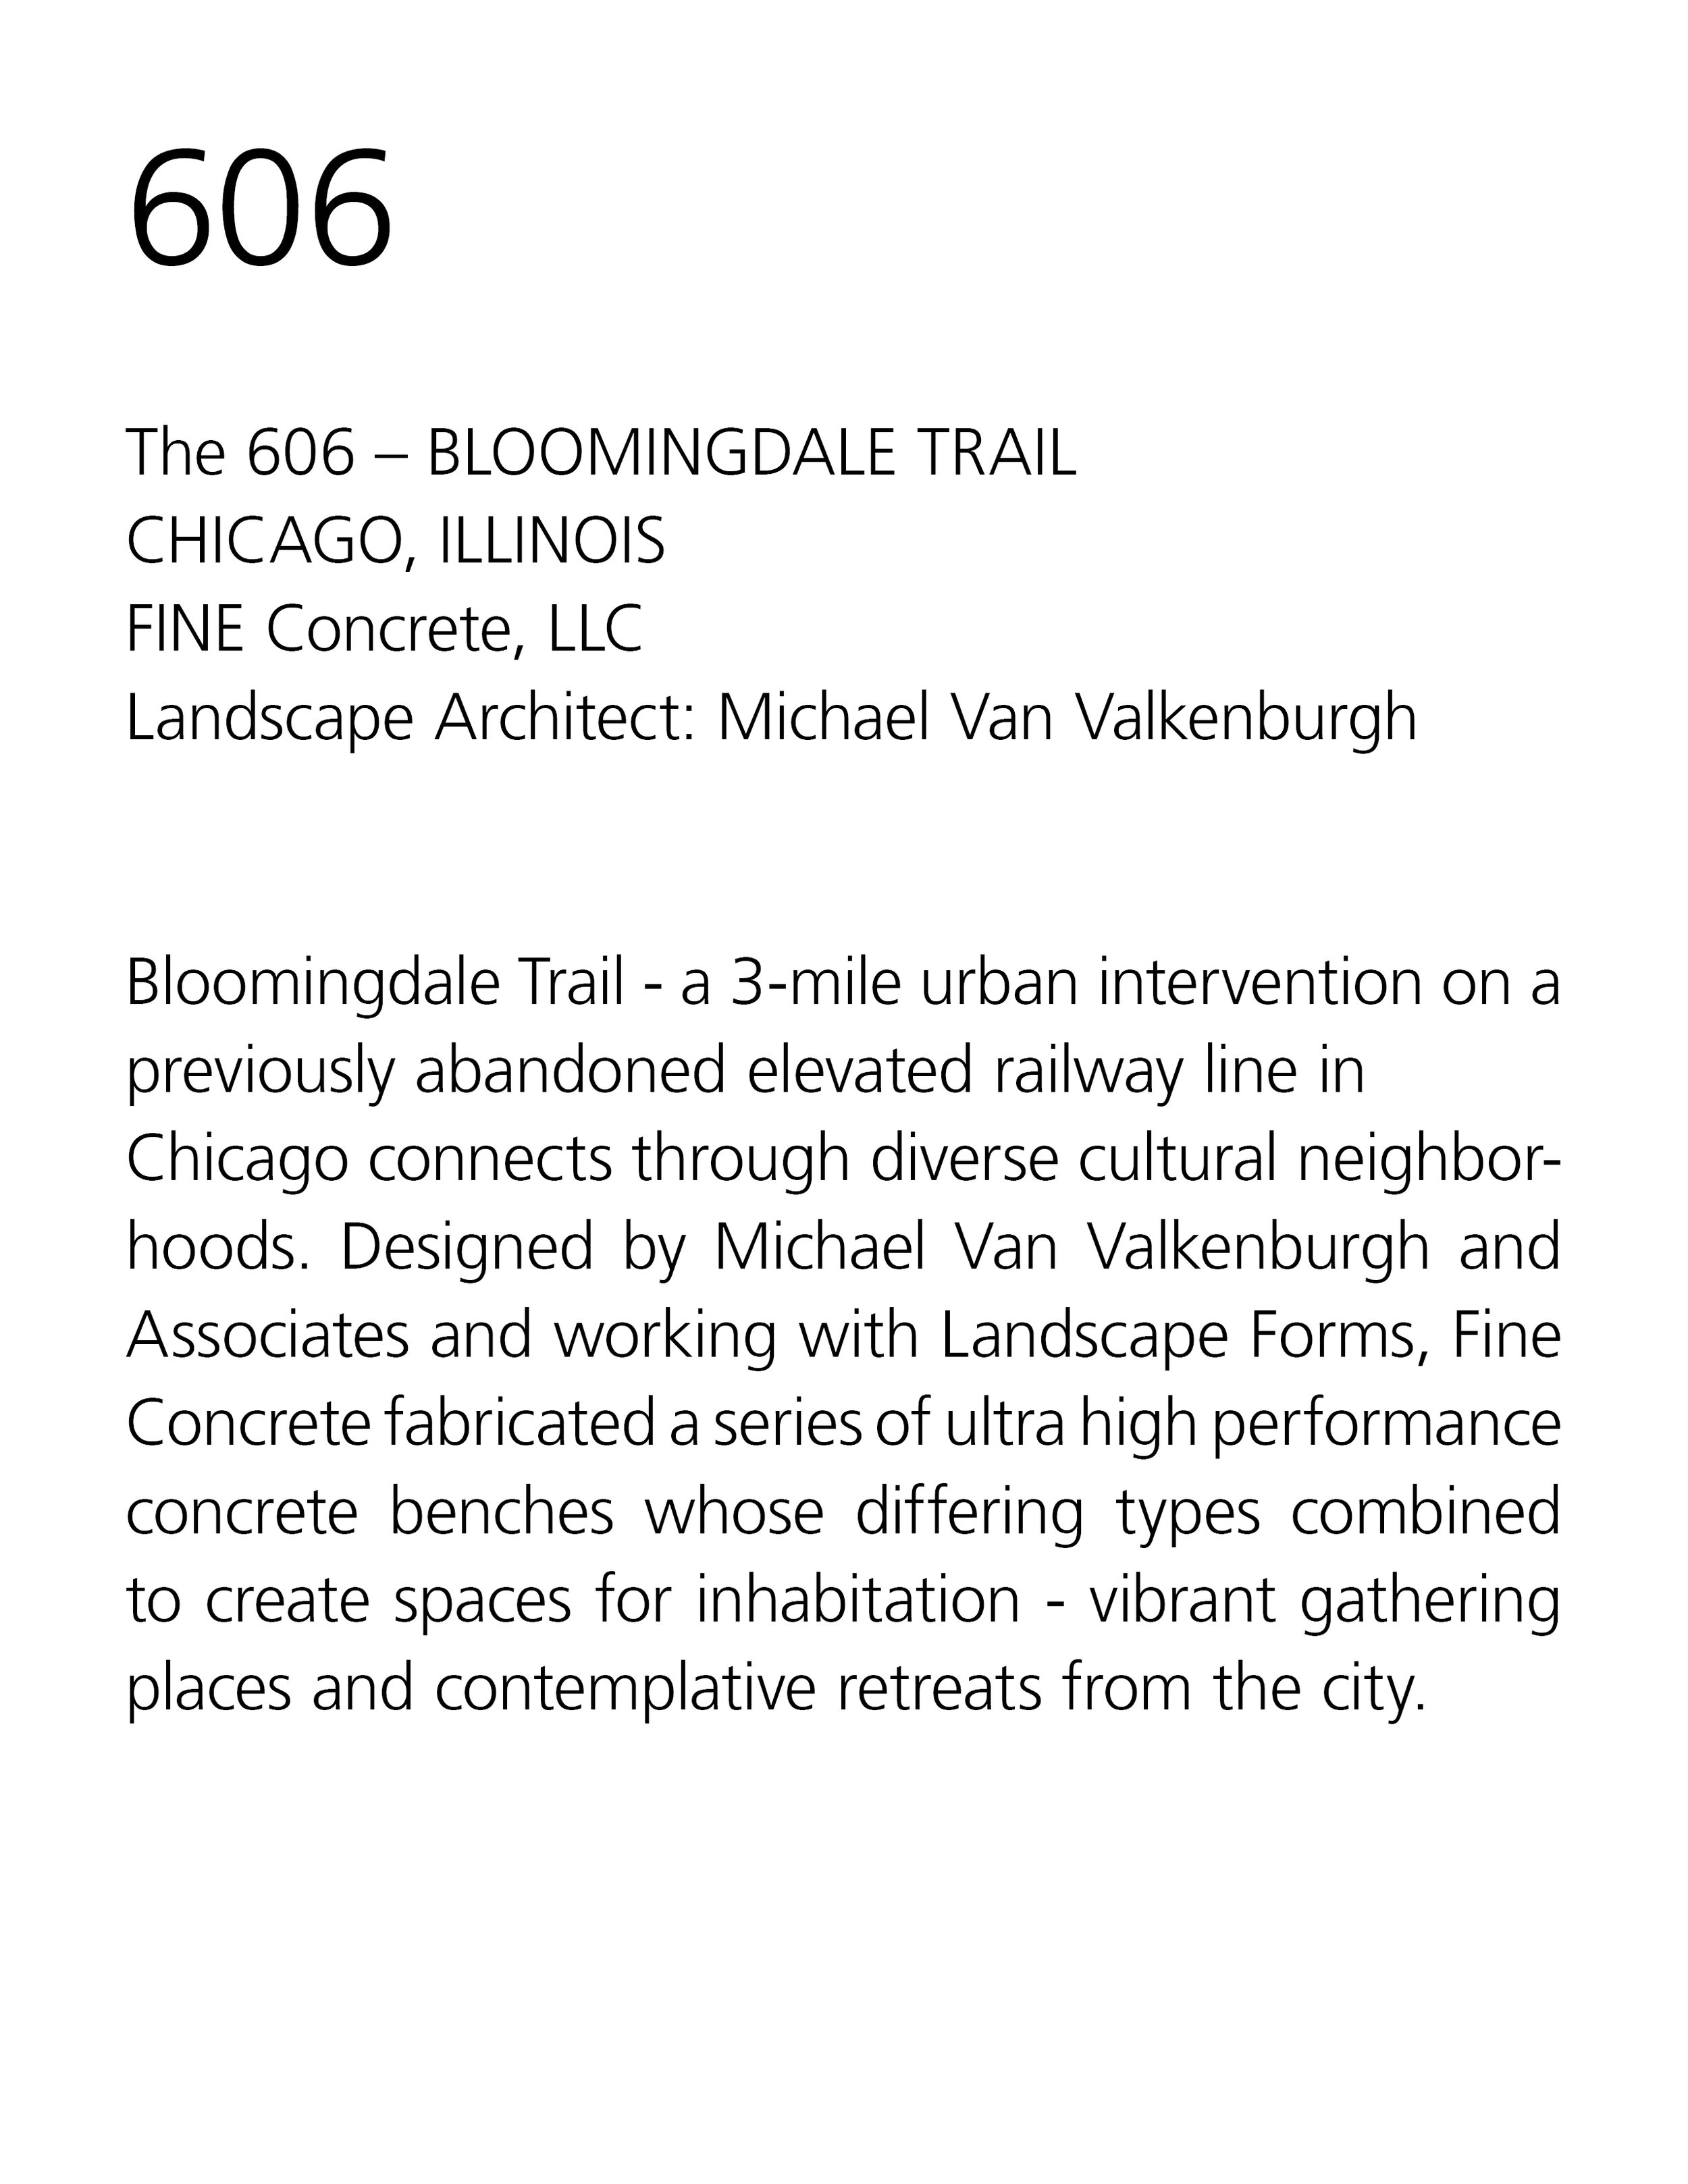 606 bloomingdale description.jpg